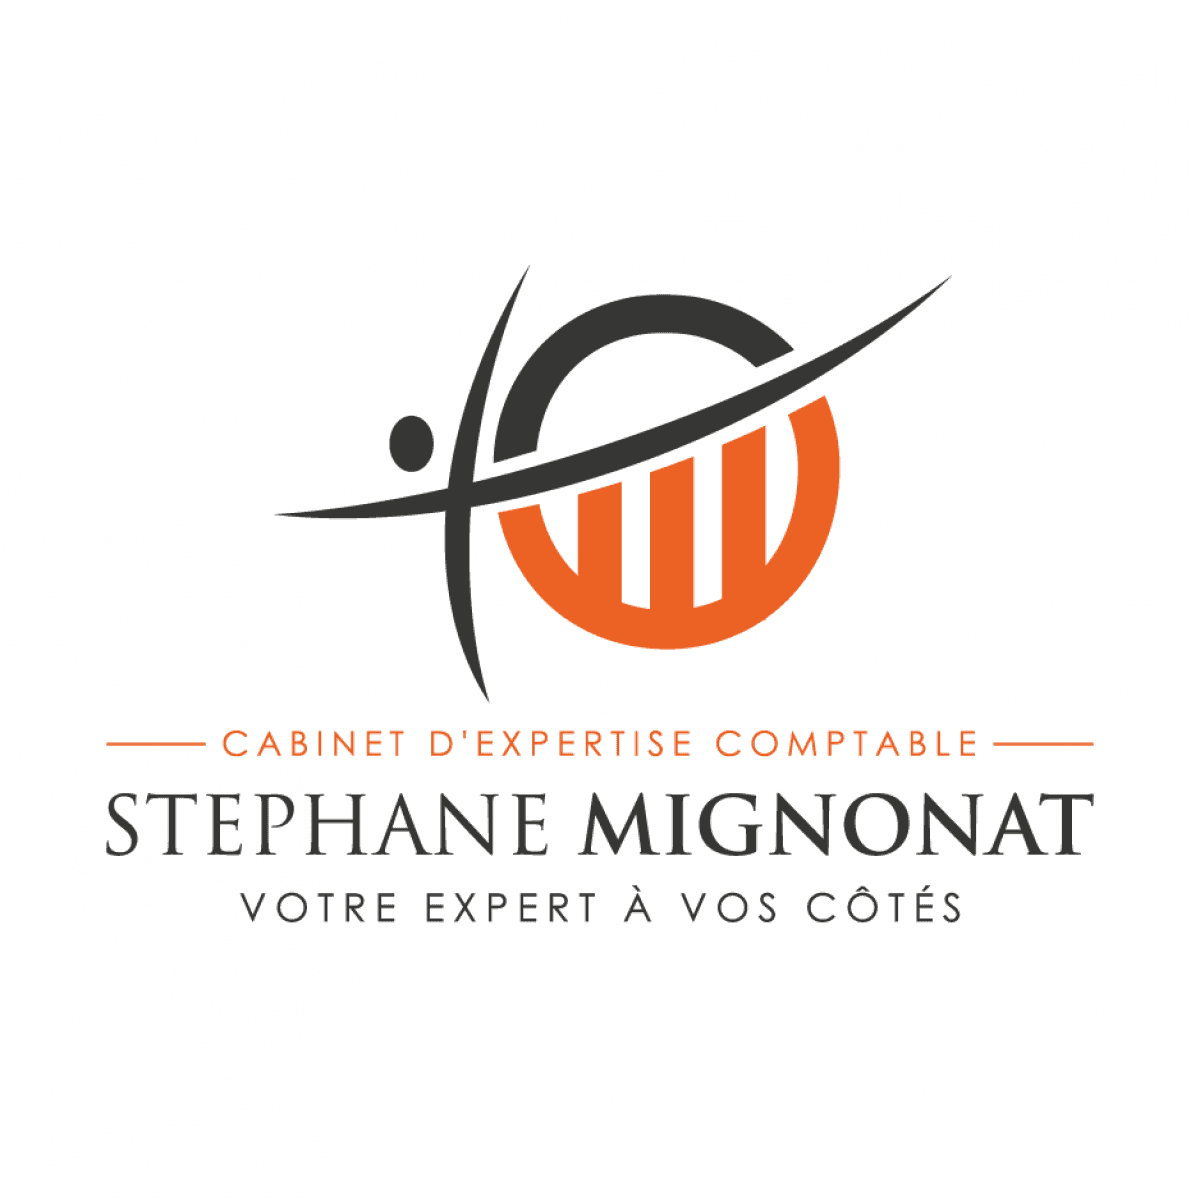 Stéphane Mignonat Expert-comptable Narbonne 11